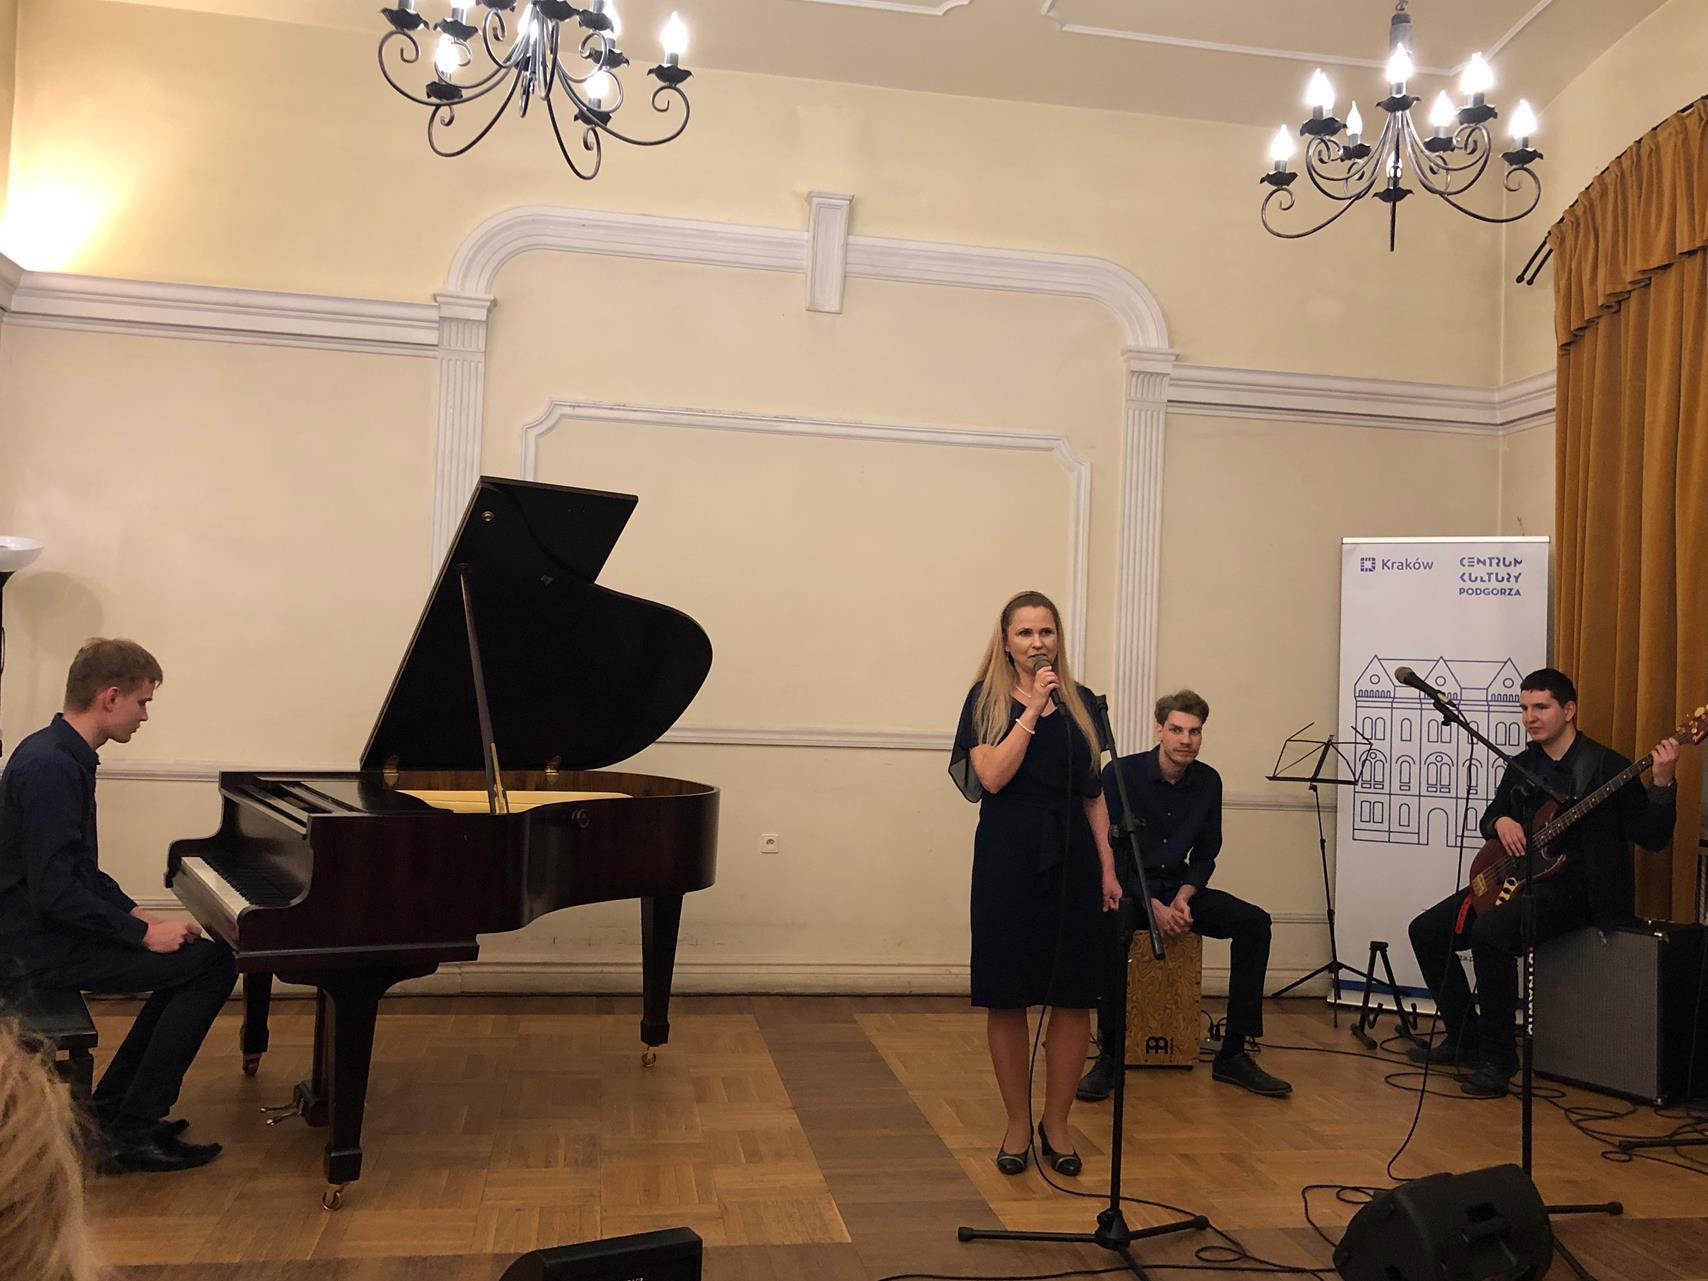 Kobieta przygotowuje się do występu, towarzyszy jej trzech mężczyzn grających na intrumentach: fortepian, cajon i gitara basowa